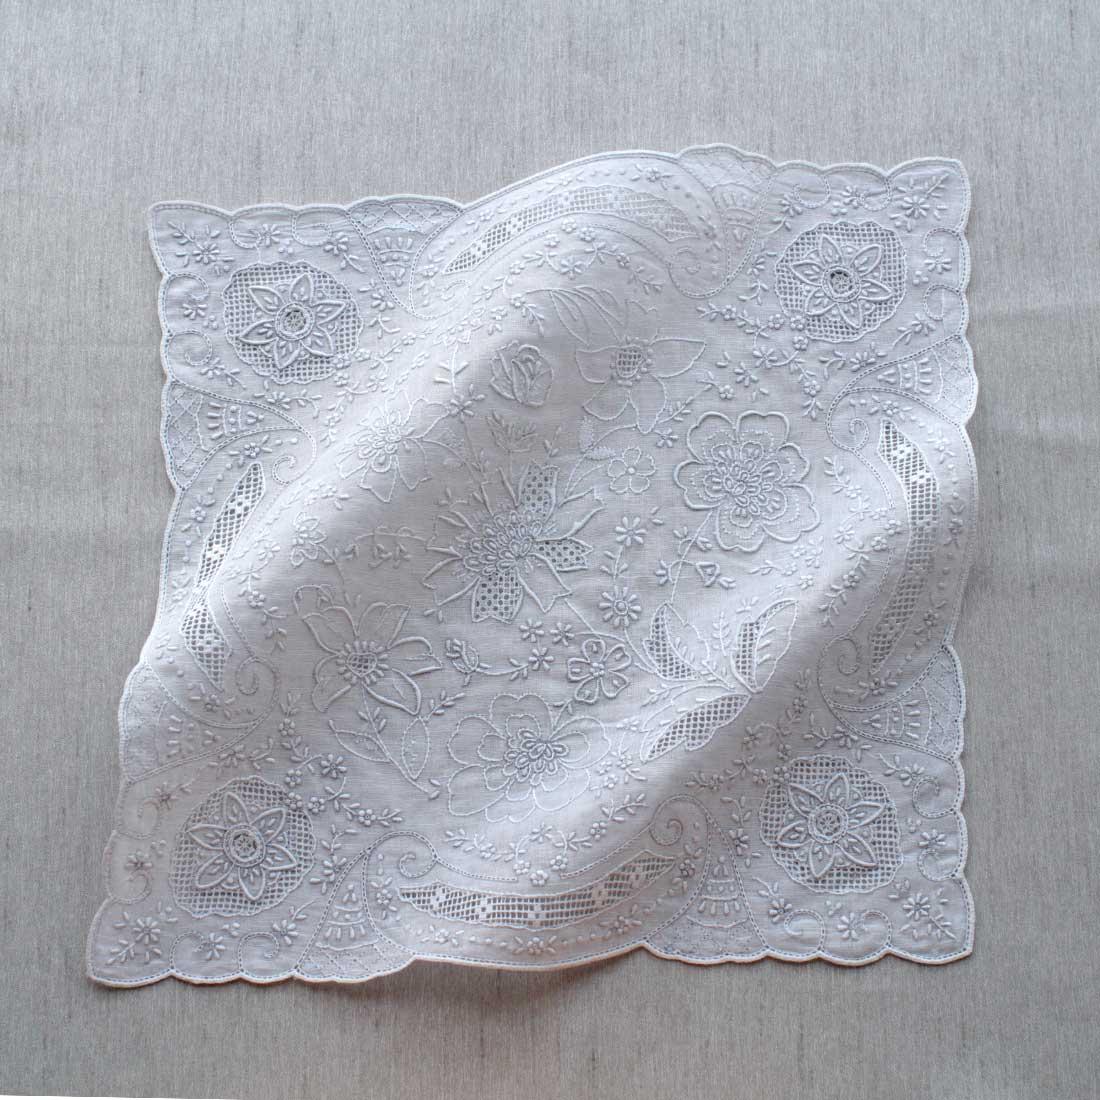 【送料無料】汕頭手刺繍 ハンカチ 2330